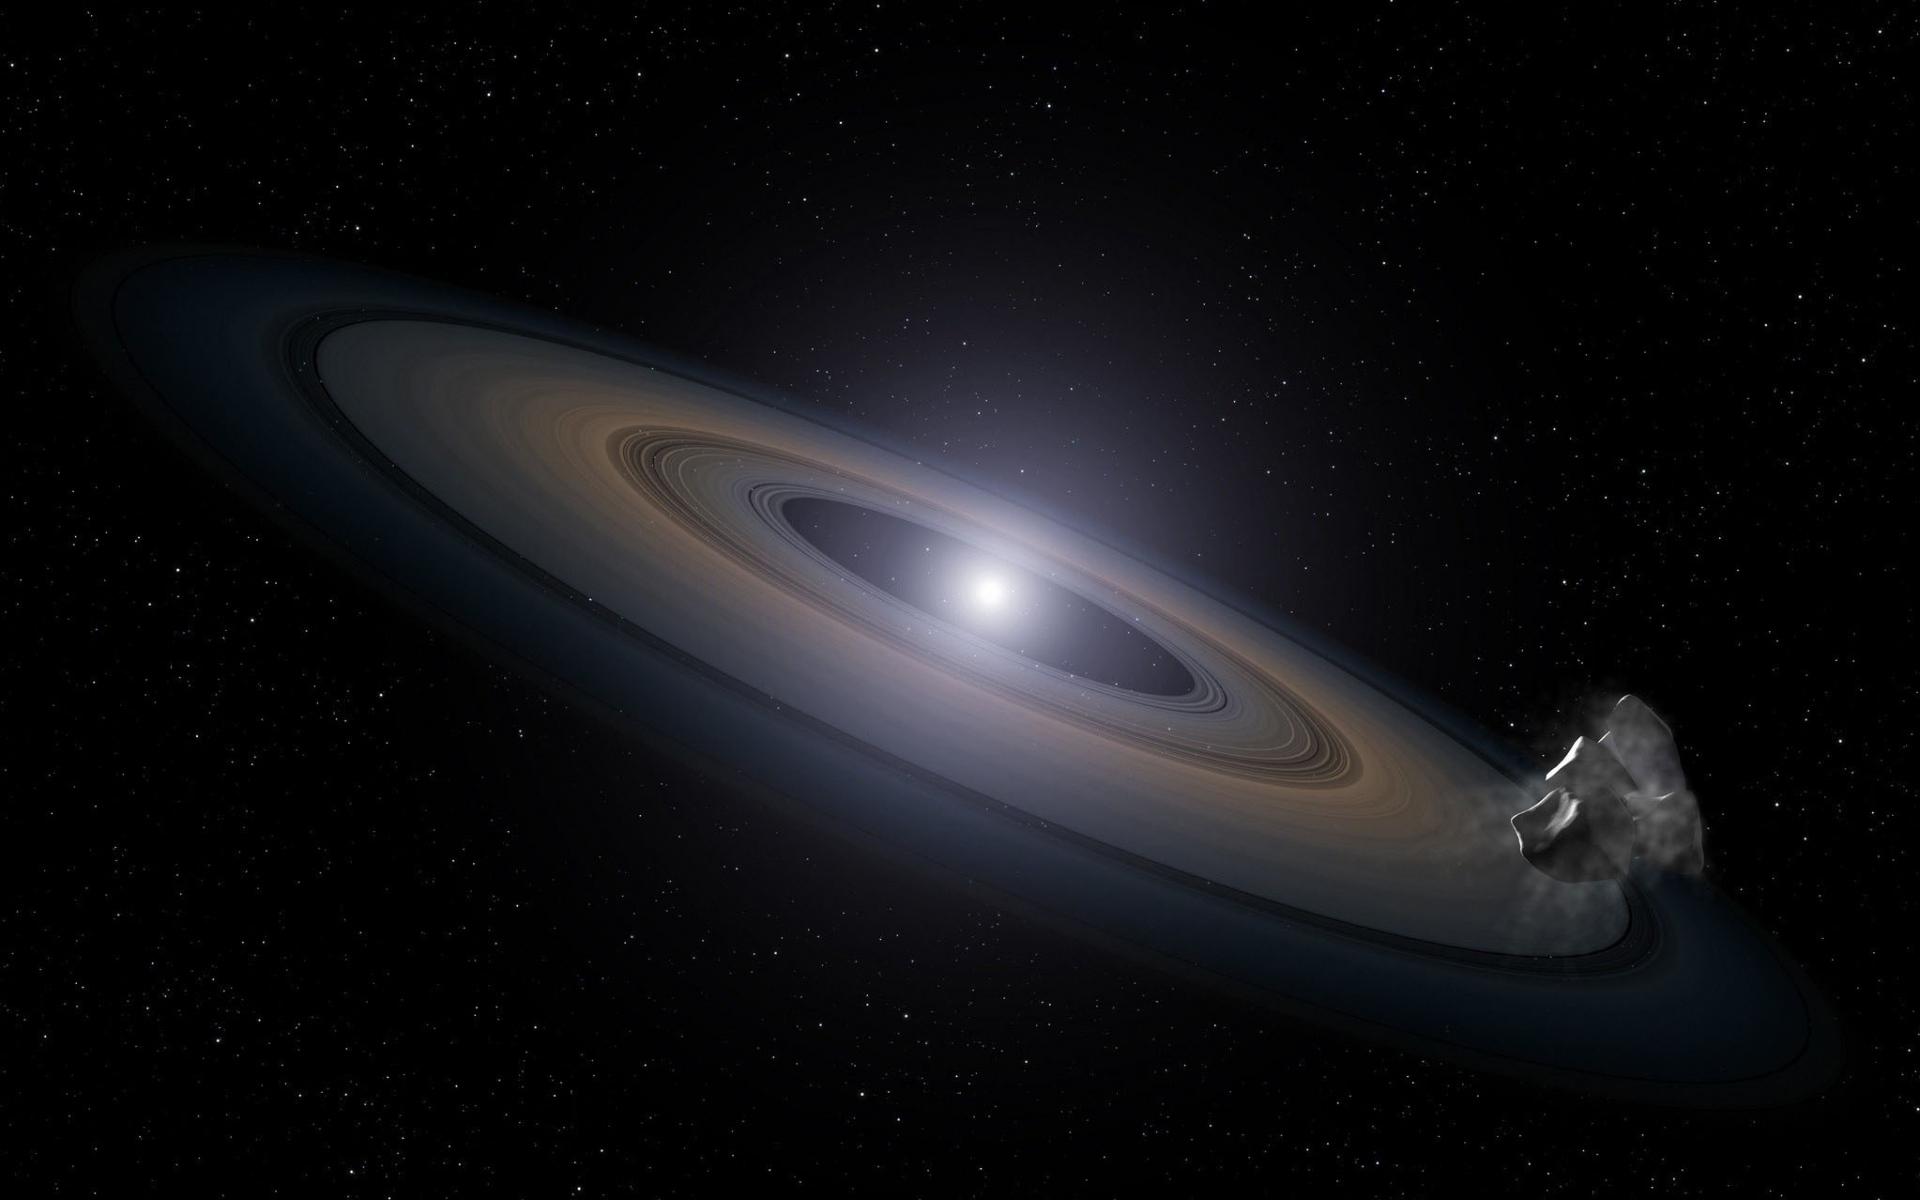 Картинки звезда, кольцо, астероид, звезды, космос, галактики фото и обои на рабочий стол